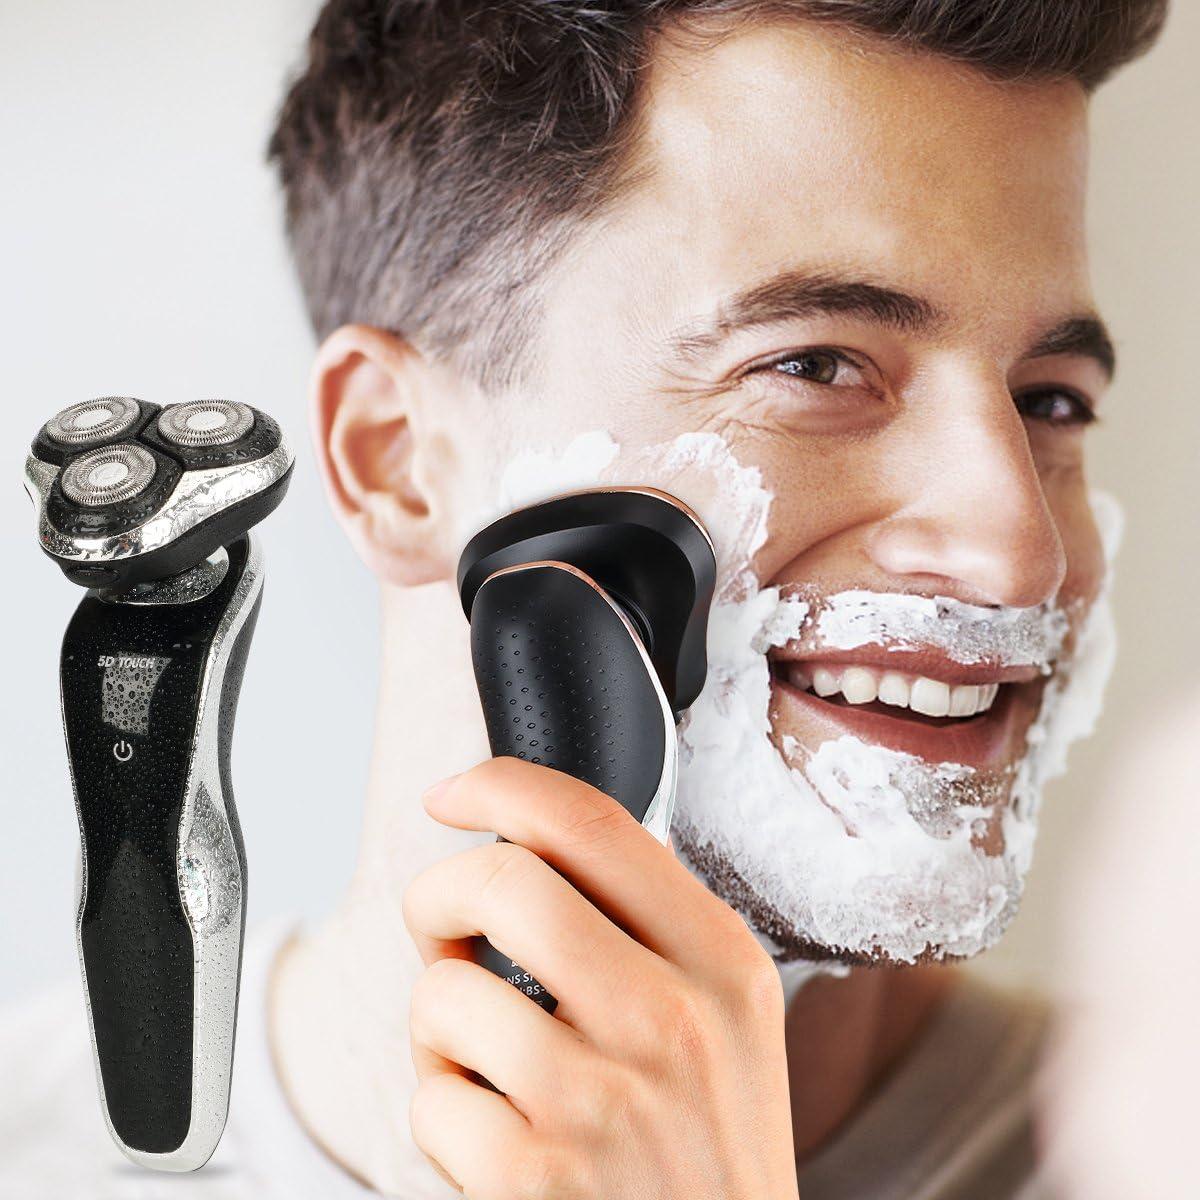 Máquina de afeitar rotatoria eléctrica para los hombres, el mejor 4 en 1 máquina de afeitar a prueba de agua sin cuerda, el pelo de la nariz y el oído y las